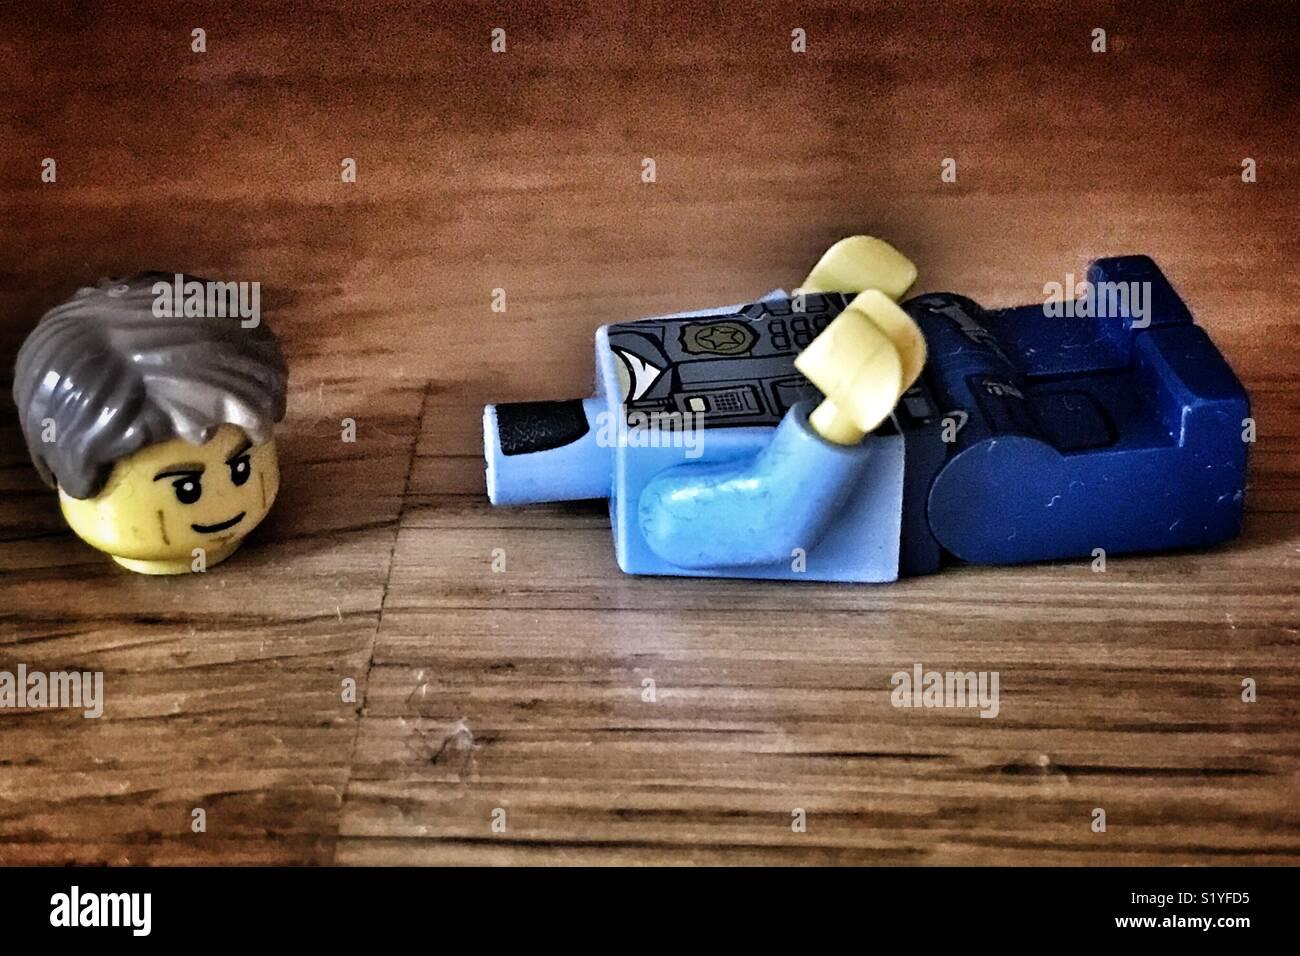 Abandoned toys 4 - Stock Image